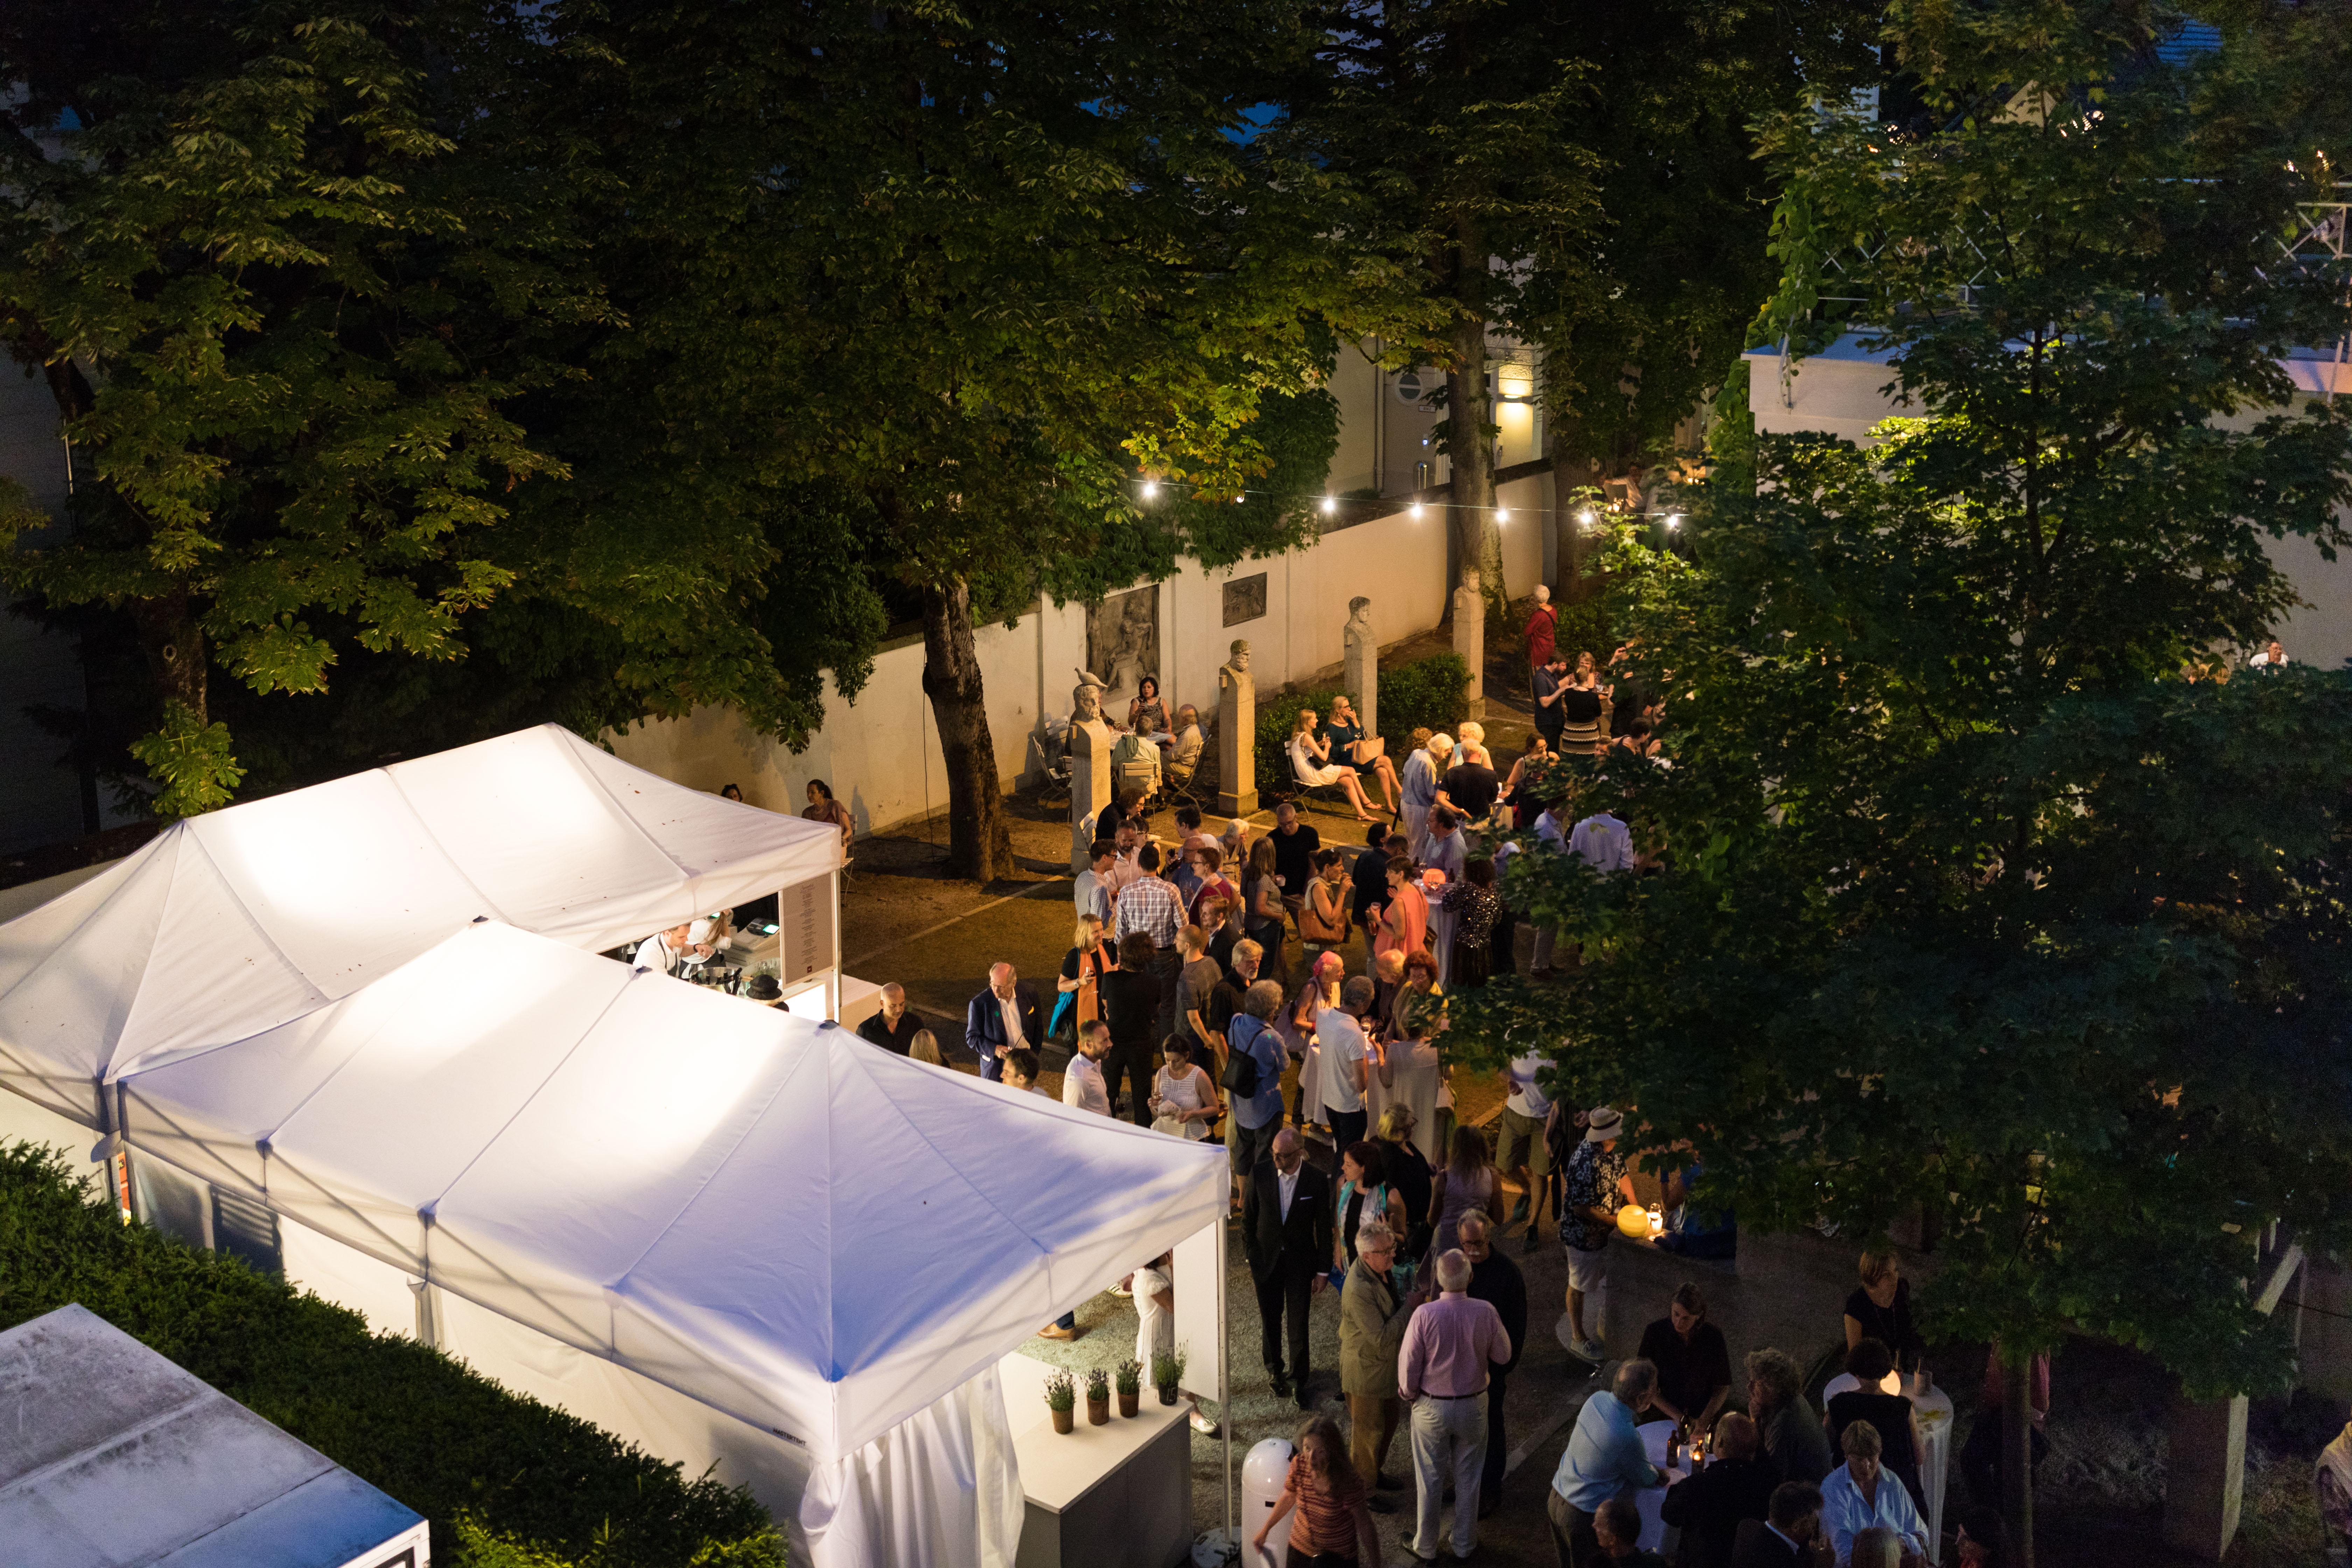 Im Garten erwarten Sie sommerliche Speisen und Getränke von Feinkost Käfer im Museum VILLA STUCK.